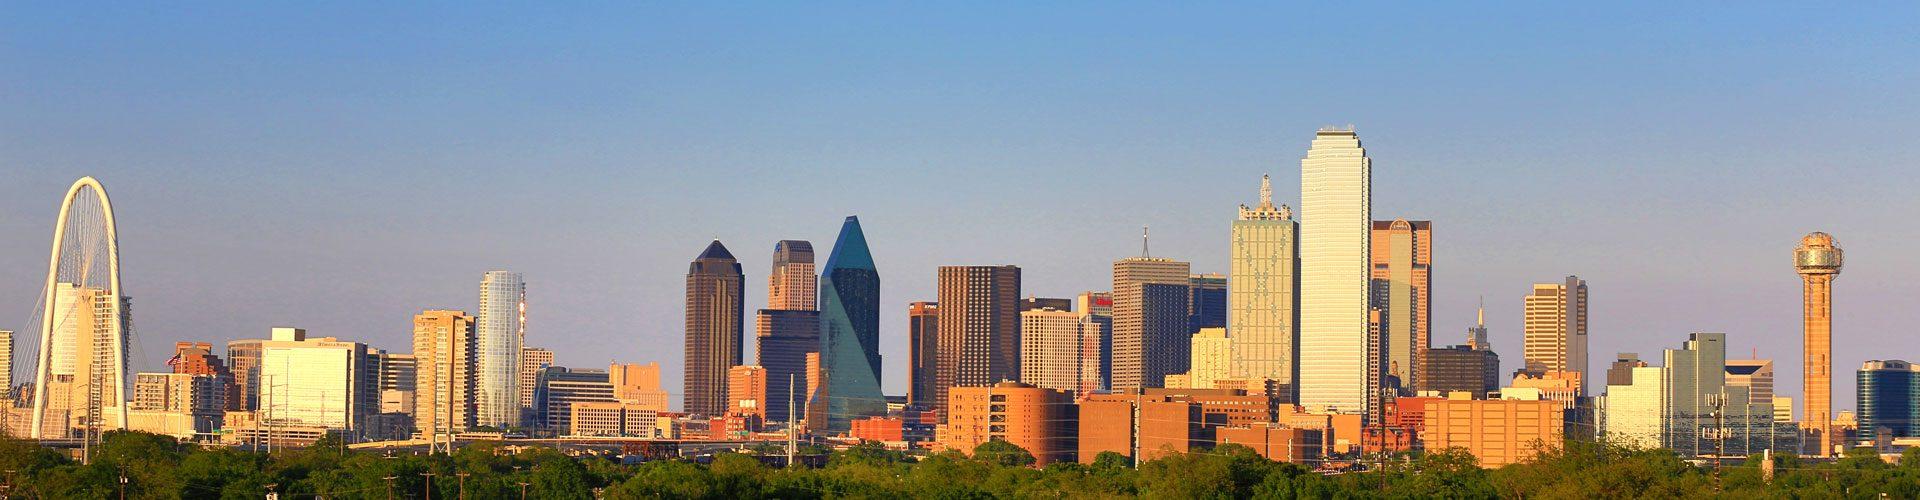 Skyline von Dallas, Texas